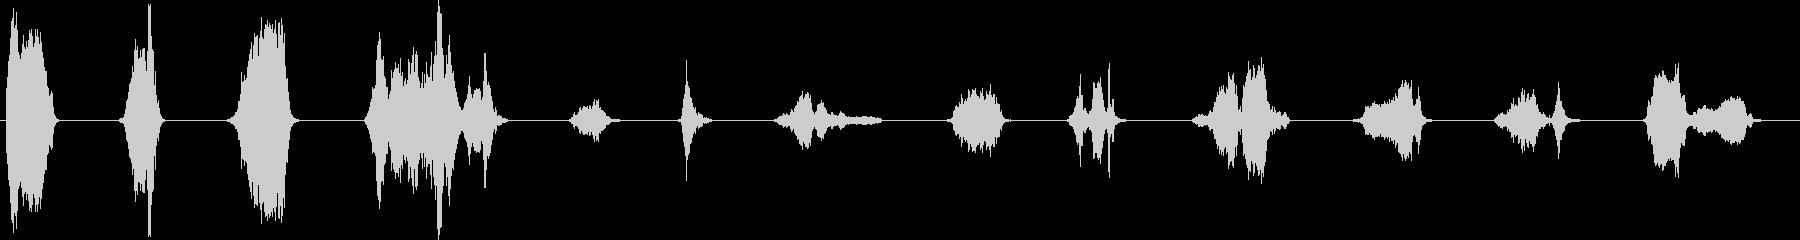 ほぼ先史時代のラクダの声の未再生の波形